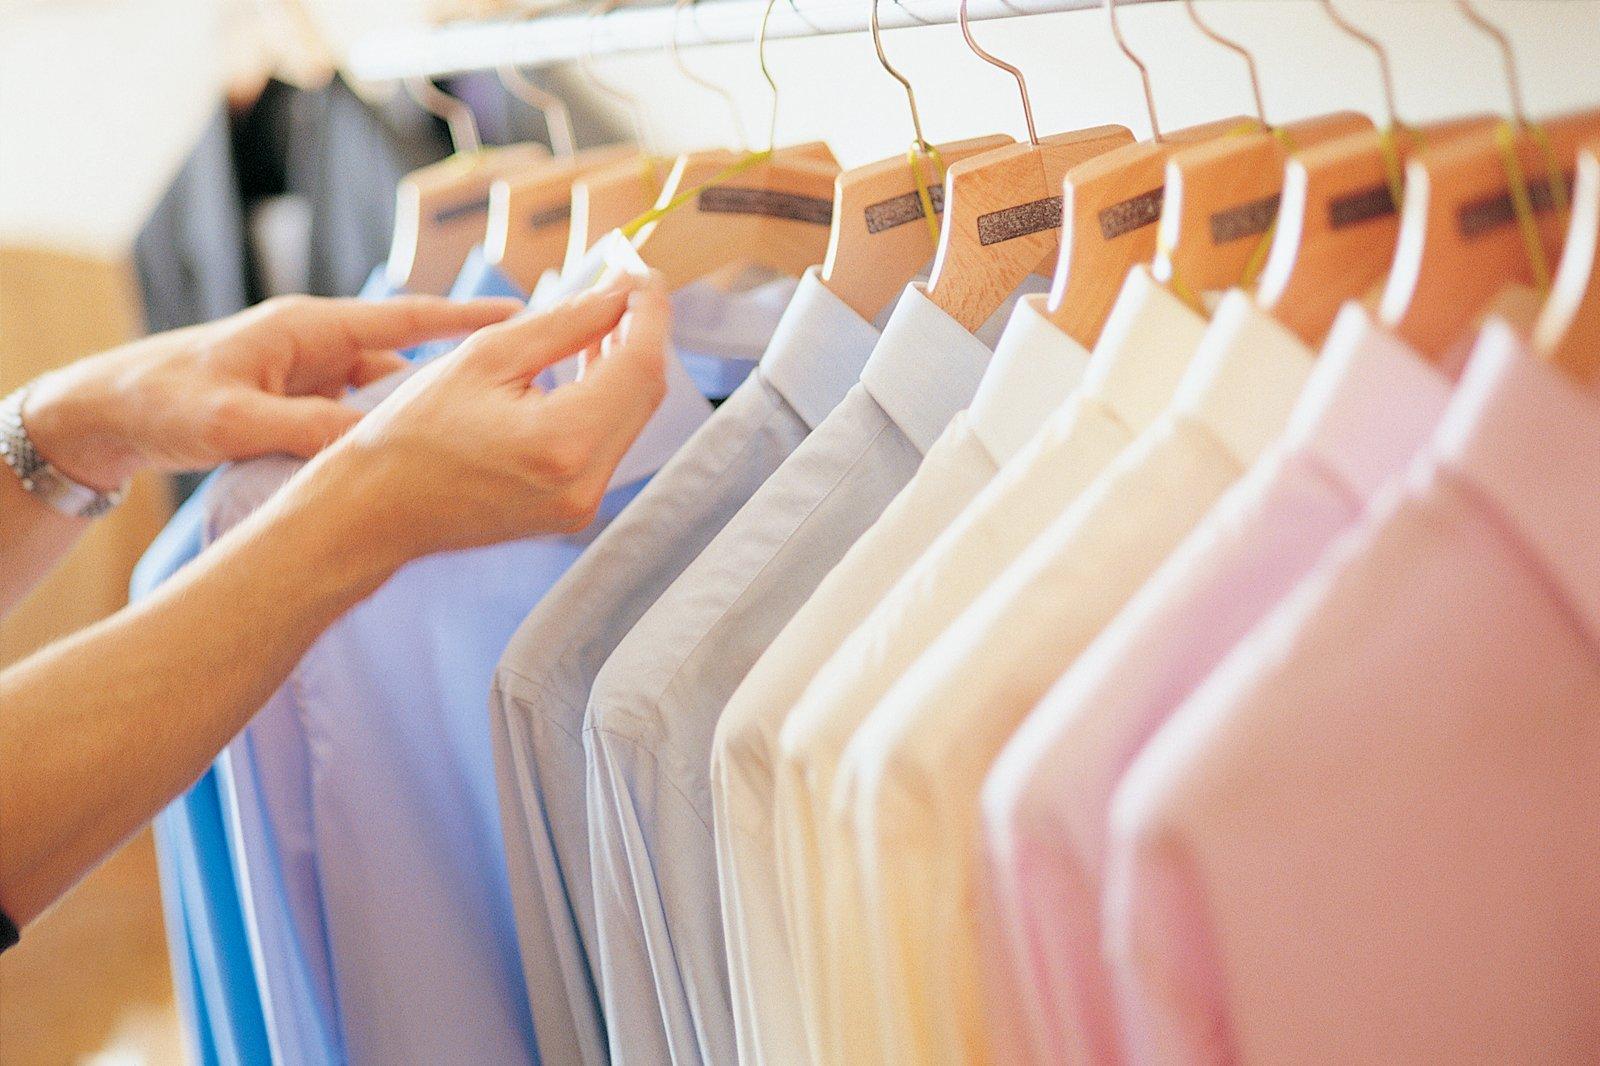 Oggetti A Basso Costo 4 idee per fare shopping a basso costo a firenze - dove e